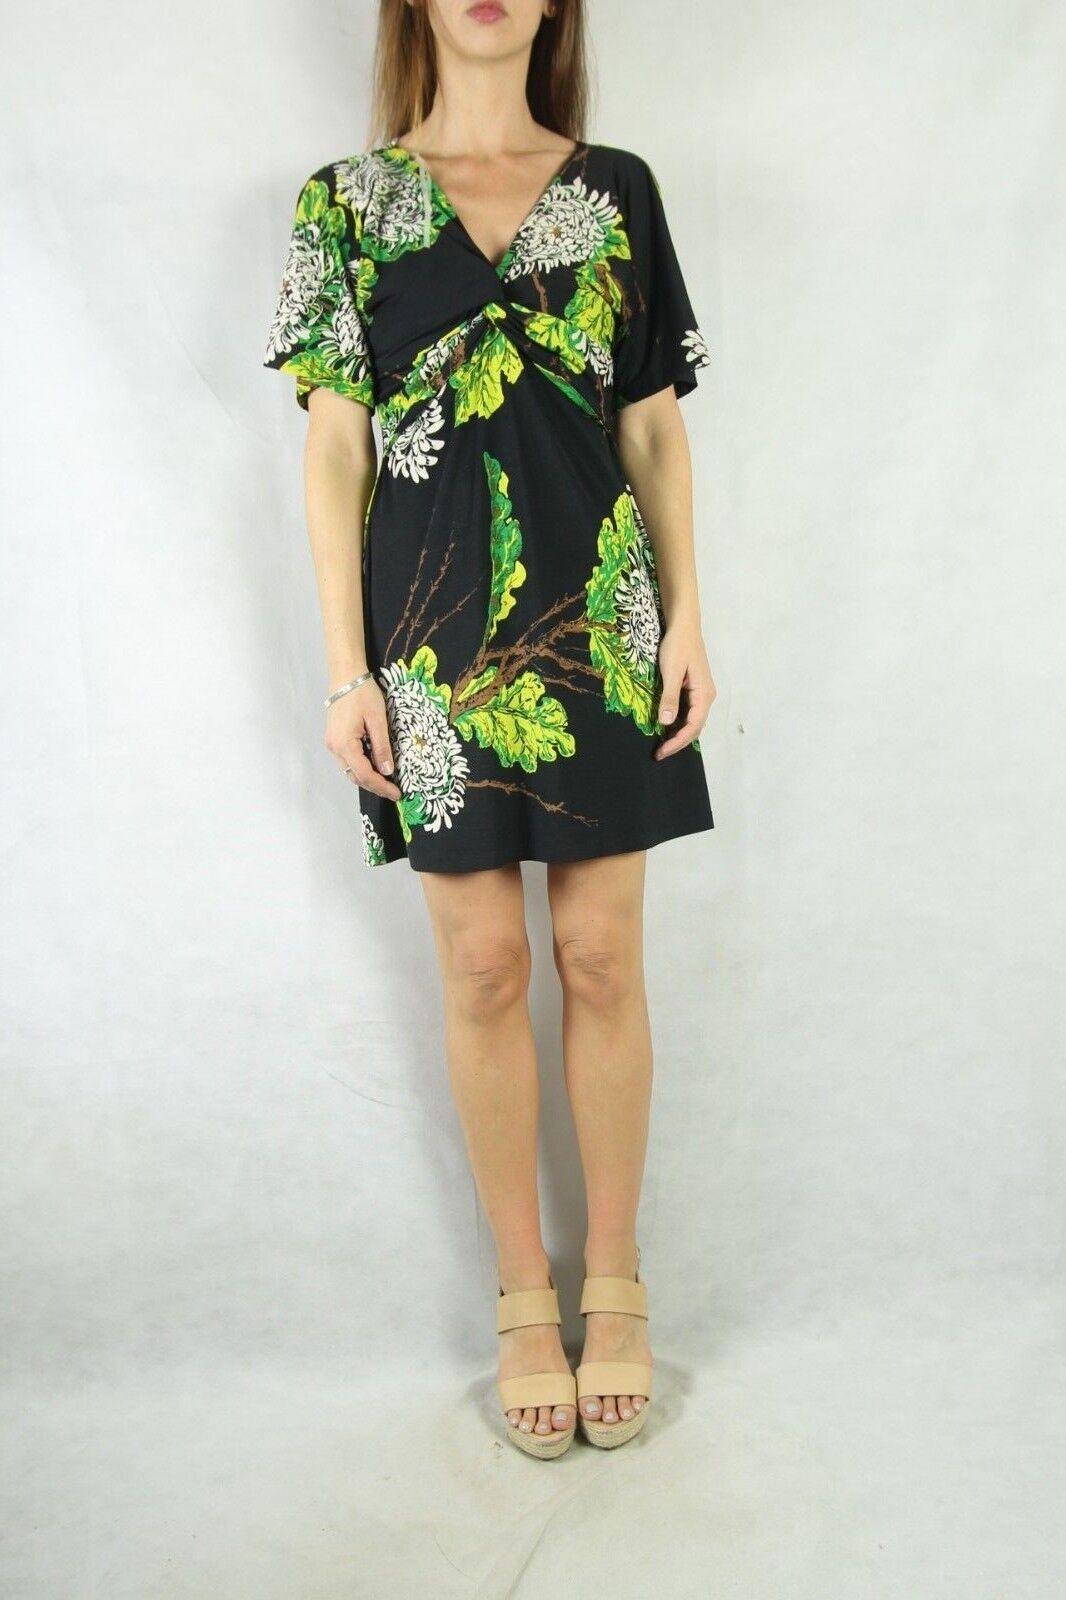 Woherren CHARLIE braun Dress schwarz Grün Floral Print Jersey Größe 8 NWT